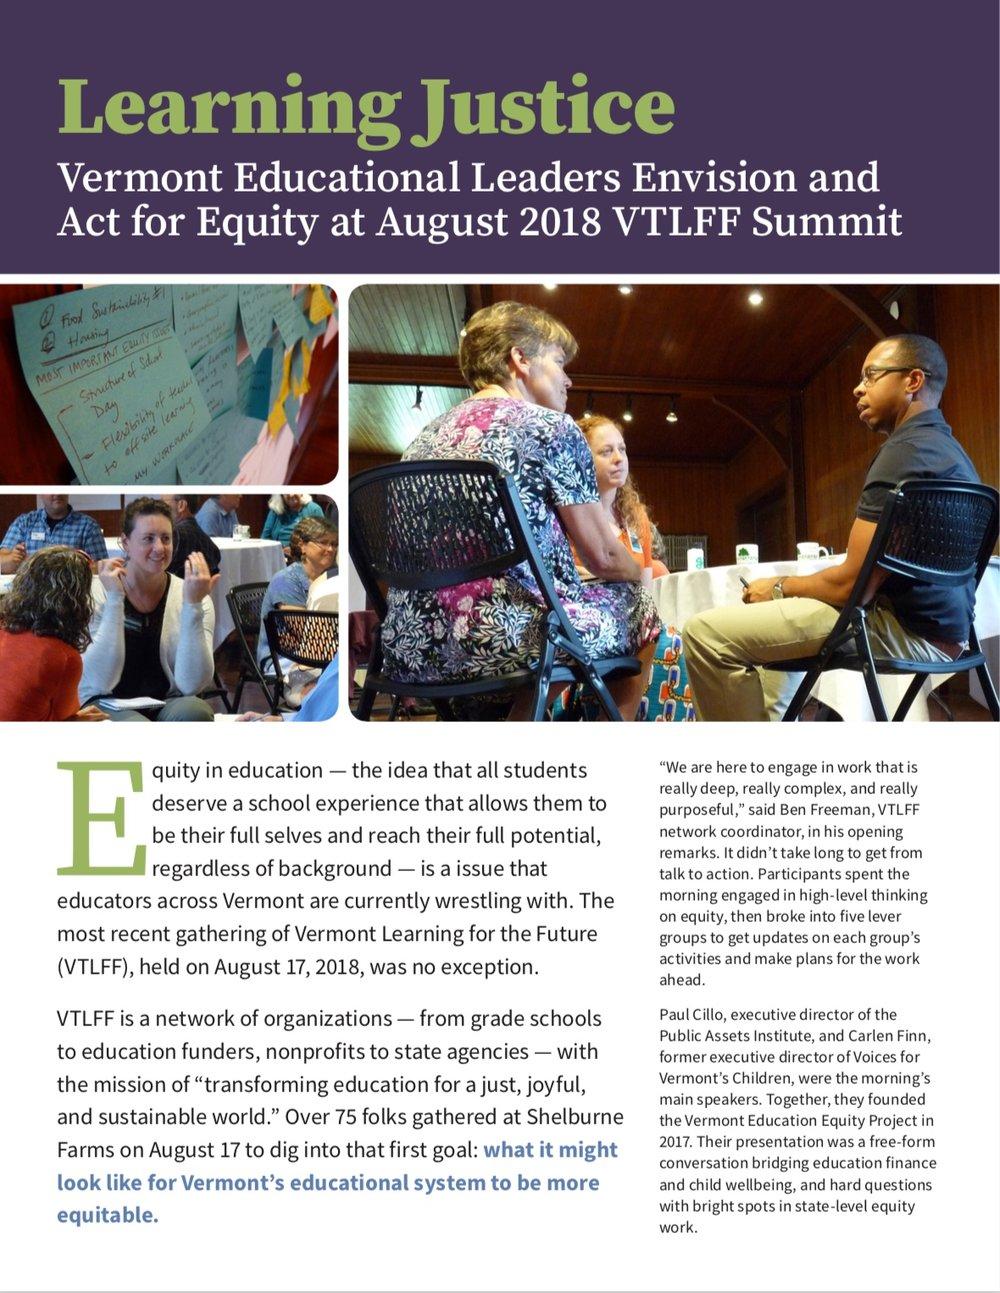 VTLFF Summit article image.jpeg